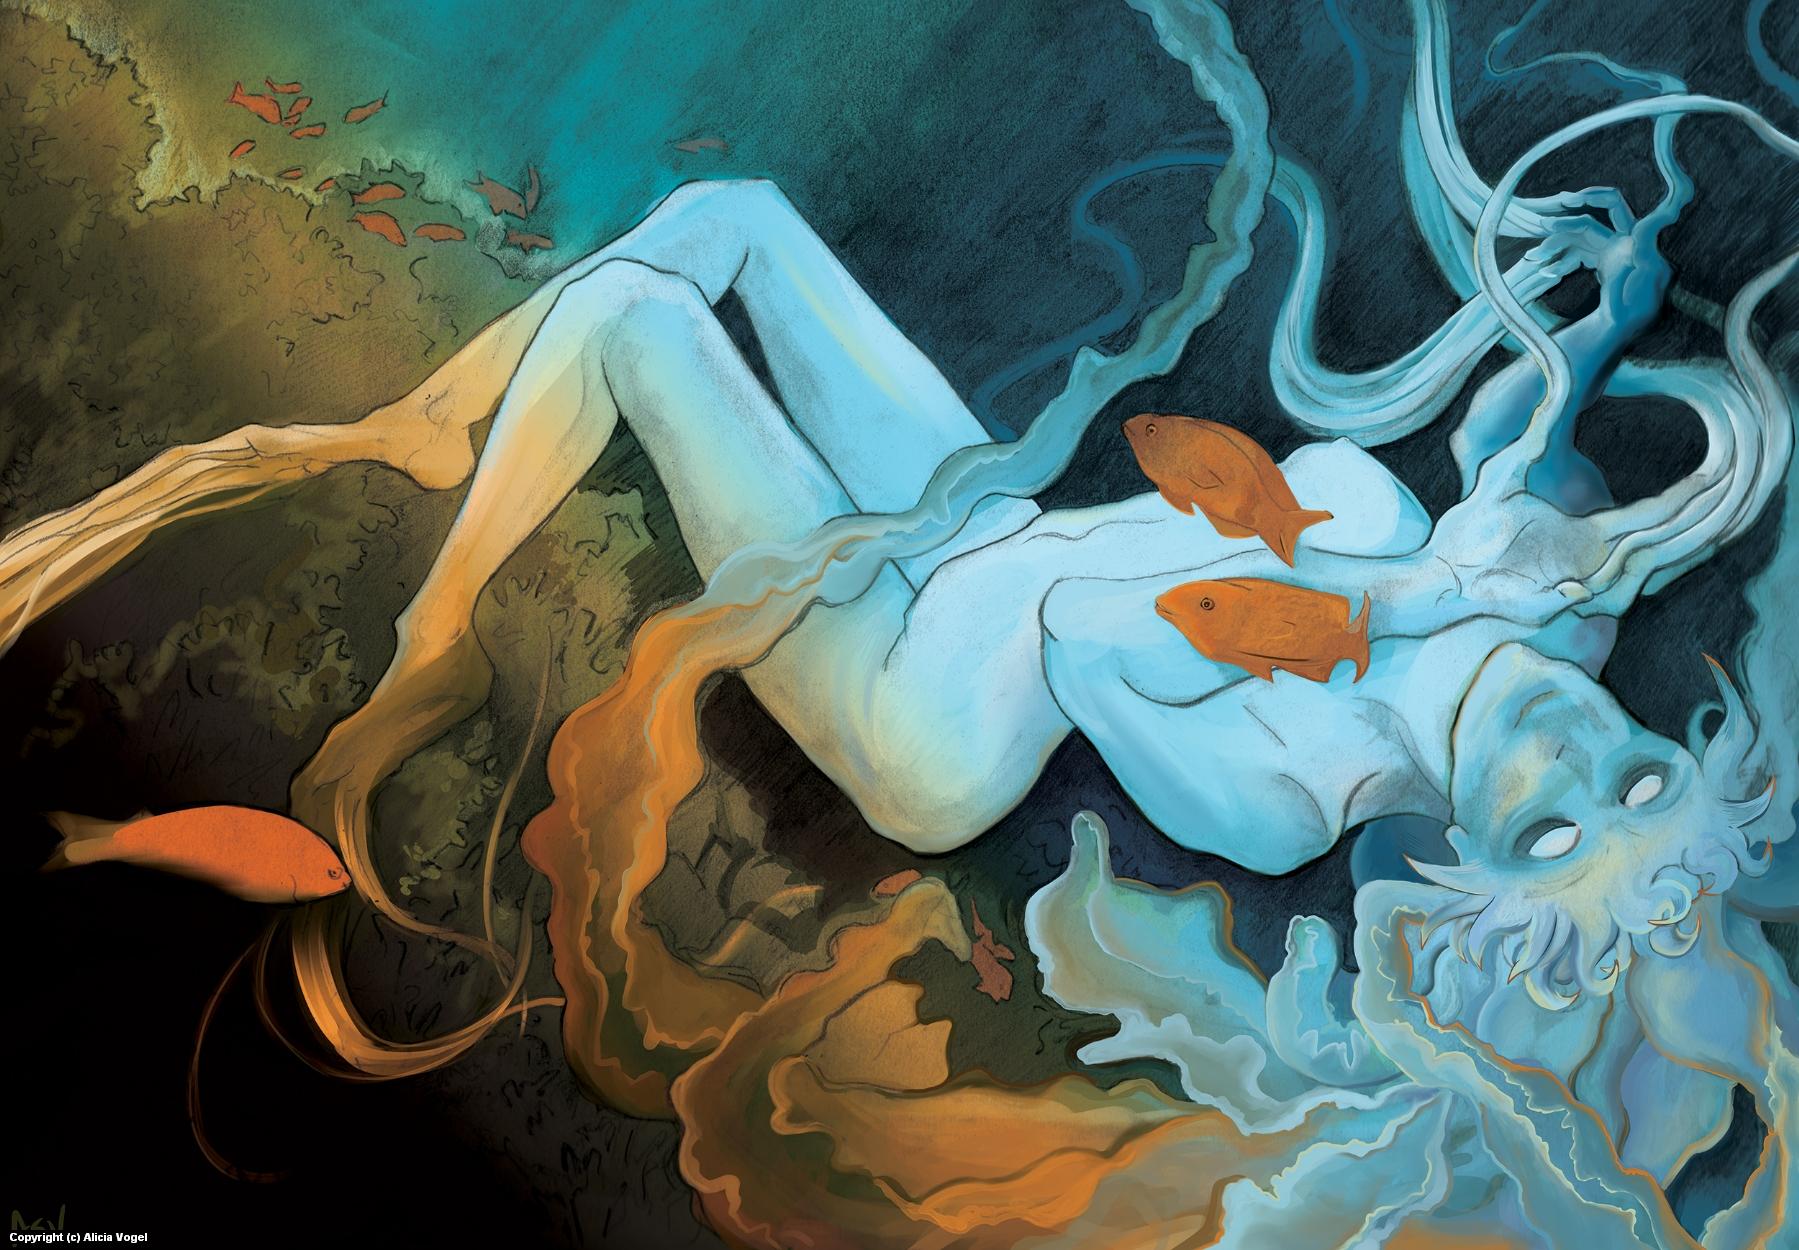 Medusozoa Artwork by Alicia Vogel